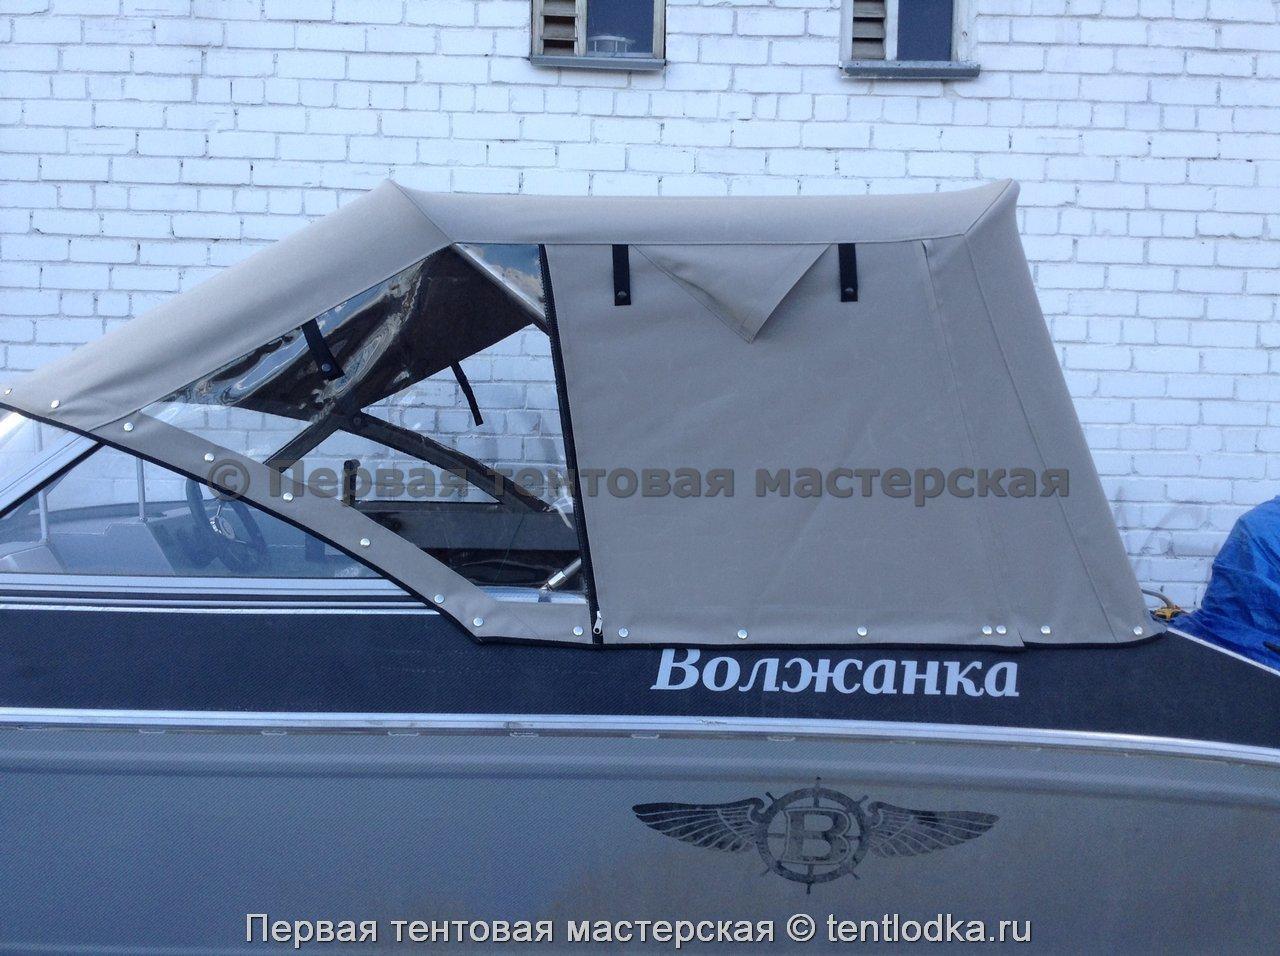 Volzhanka49_001